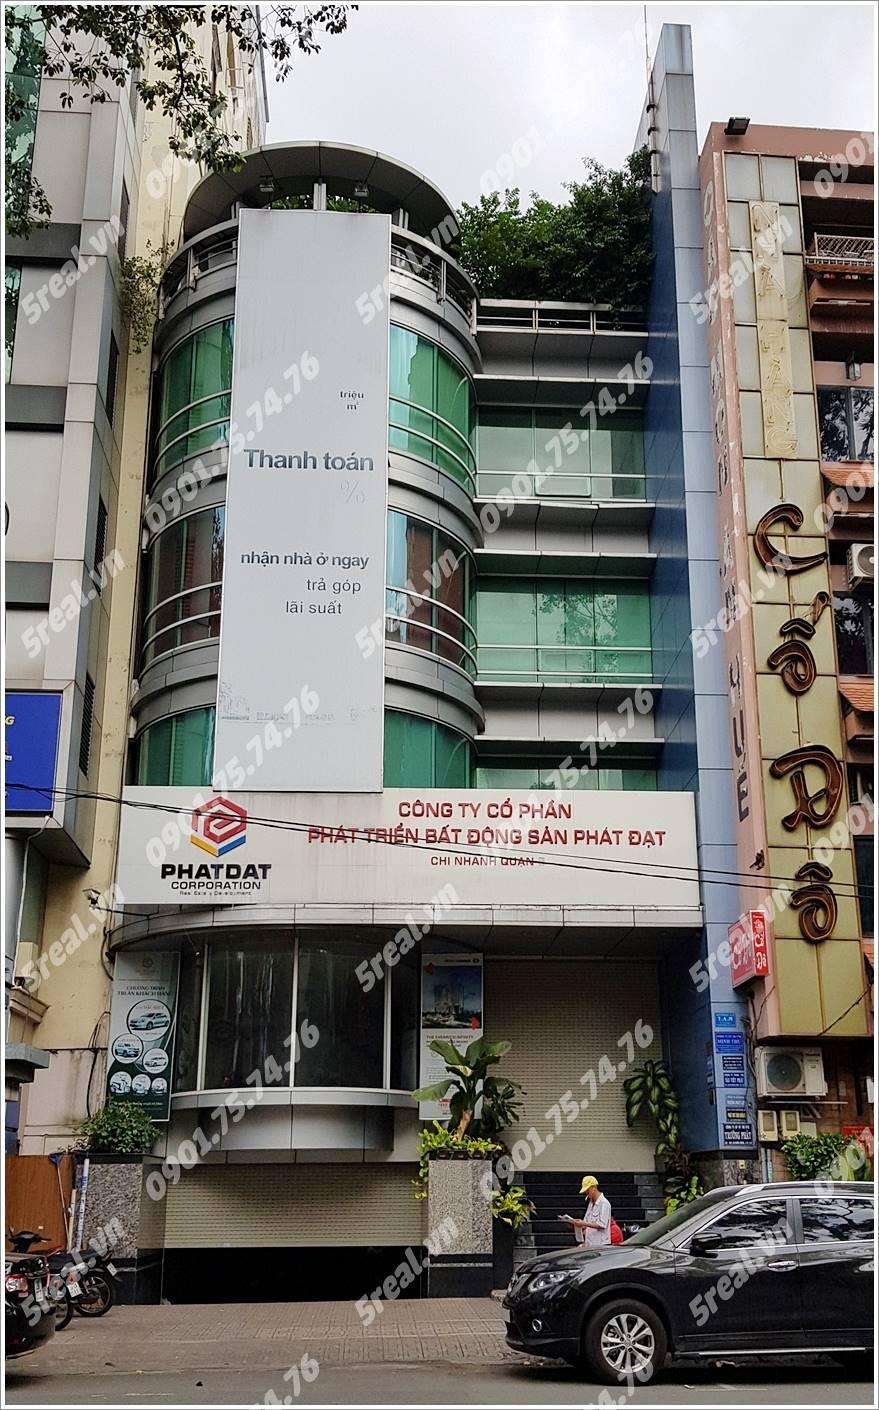 phat-dat-building-an-duong-vuong-quan-5-van-phong-cho-thue-tphcm-5real.vn-01